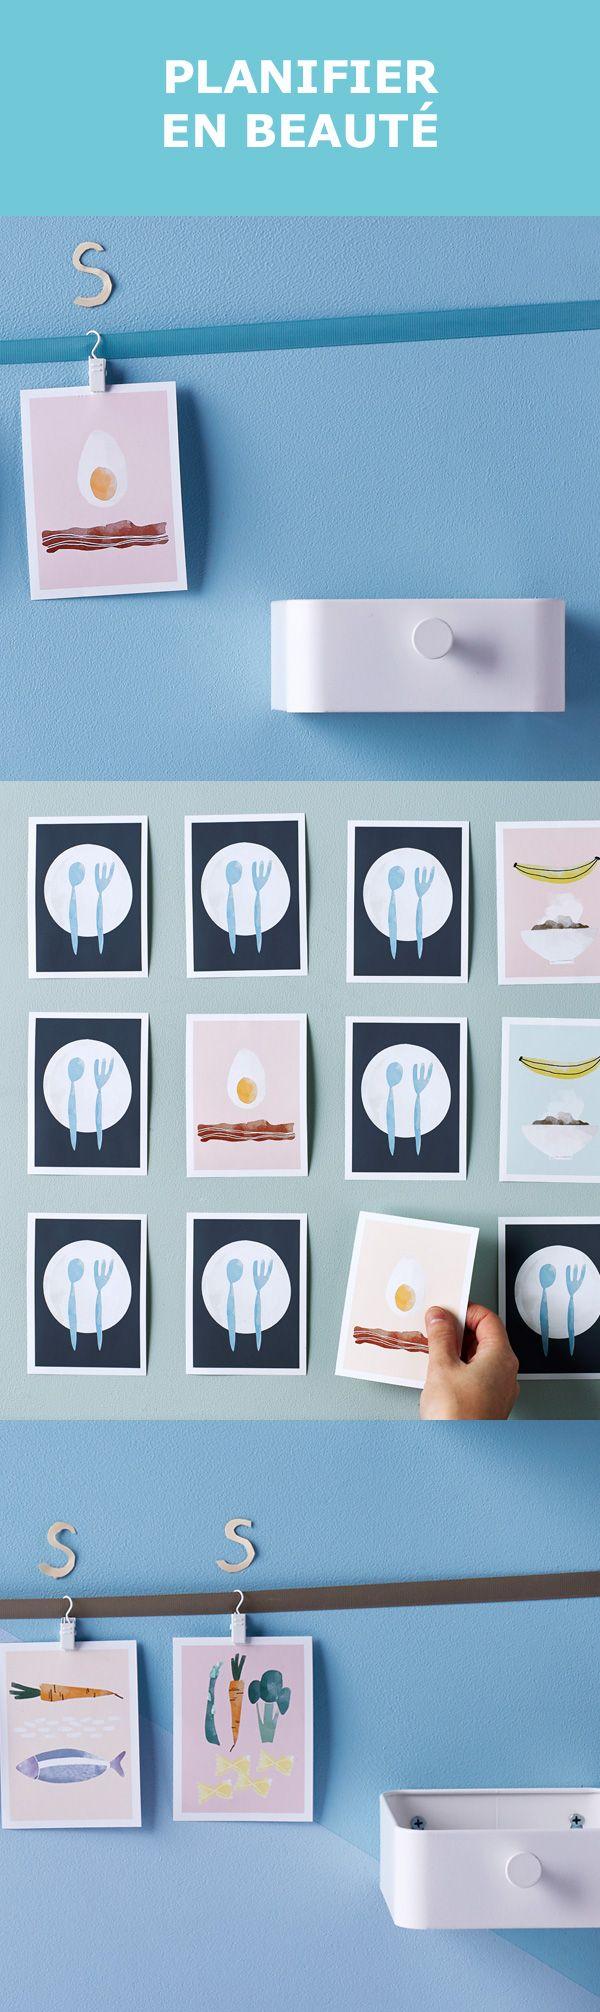 Préparez tout à l'avance et vous vous sentirez plus léger. Notre conceptrice numérique, Annie, a elle-même créé ces adorables cartes pour organiser les soupers de la semaine. Vous aussi pouvez créer votre propre série, selon les repas préférés de vos enfants. Affichez-les sur le mur de la cuisine avec les cintres à pince ENUDDEN et dites adieu à l'éternelle question : « Qu'est-ce qu'on mange pour souper?» Assurez-vous d'avoir deux images de chaque repas pour en faire un jeu de mémoire.